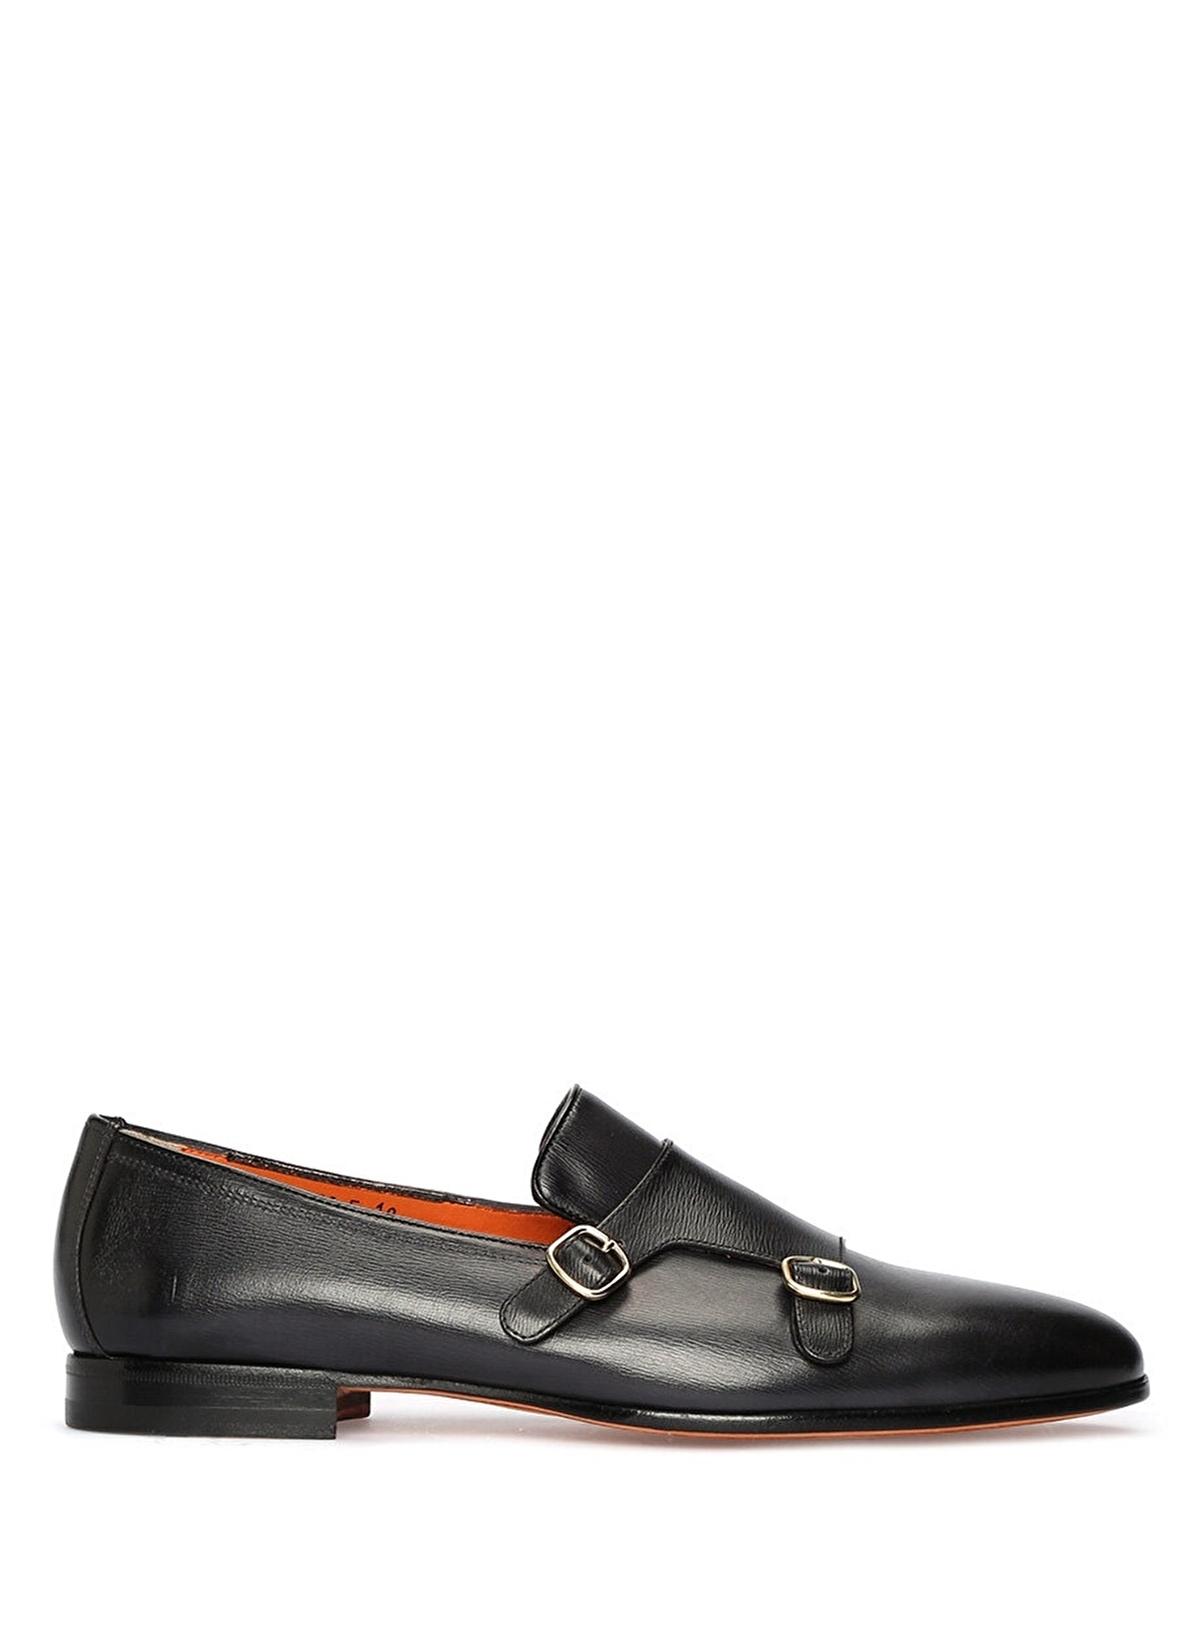 Santoni %100 Deri Loafer Ayakkabı 3945.0 Tl